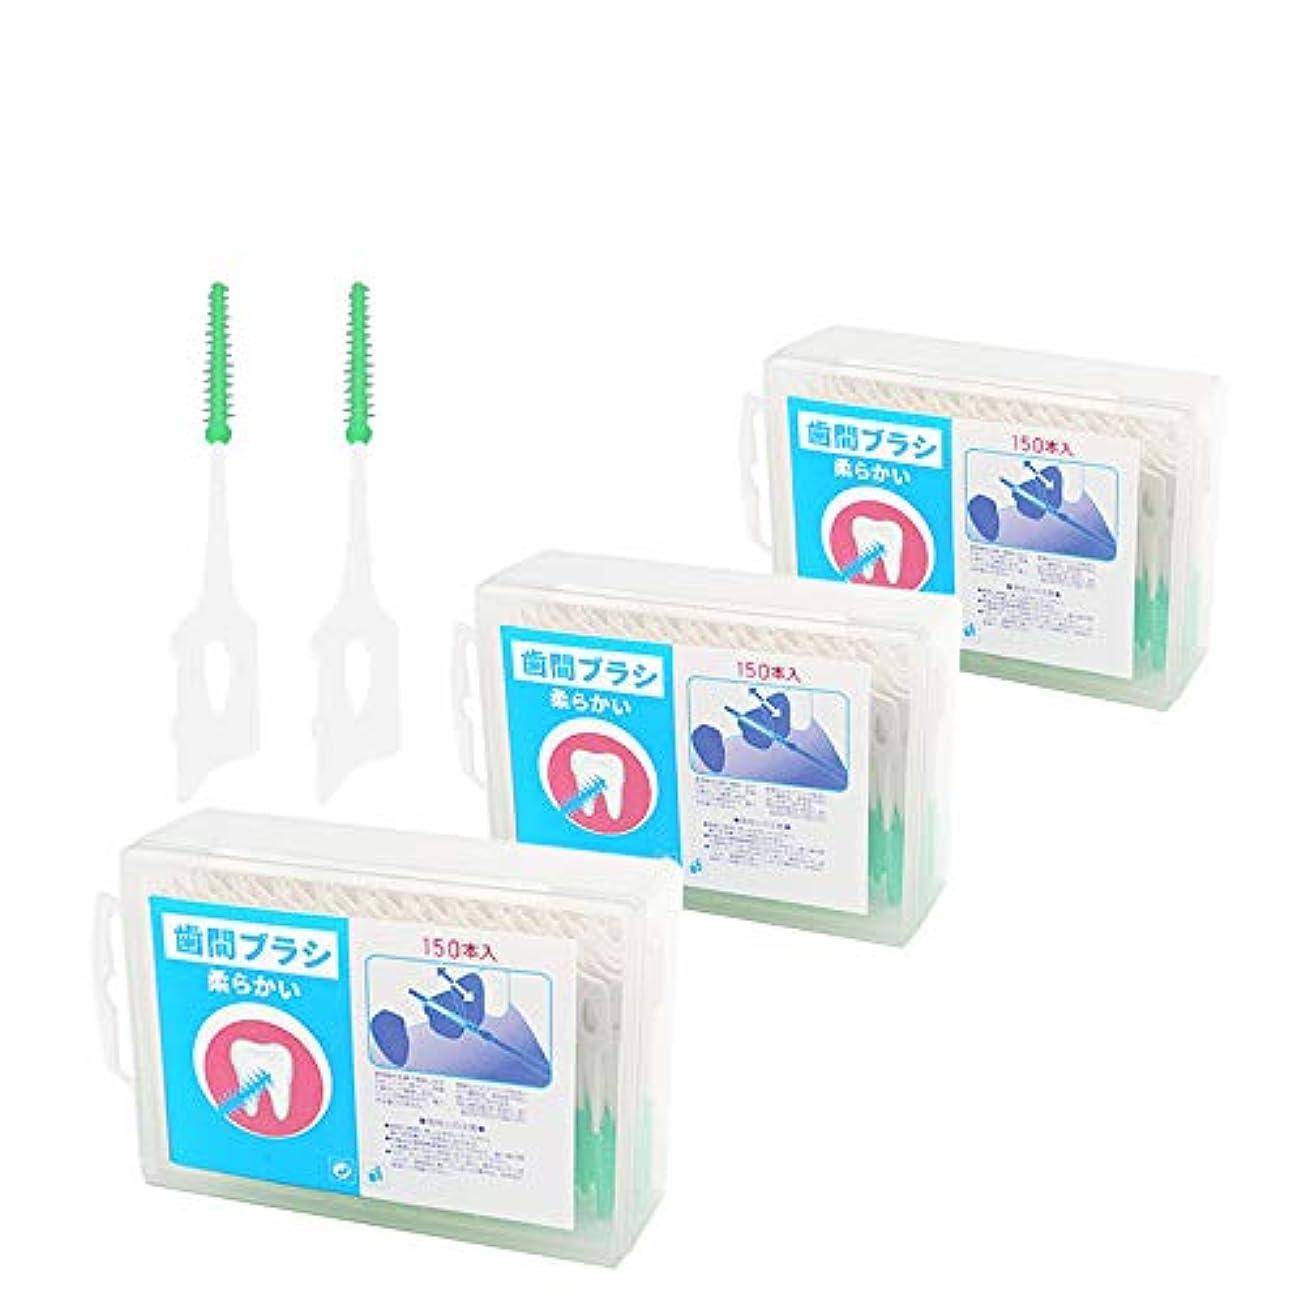 消化飼い慣らすより歯間ブラシ I字型 SSS-S 3箱×150本 (計450本入) やわらか ゴムタイプ 無香料 極細タイプ 歯周プロケア 歯間清掃 歯垢対策 お徳用 携帯用